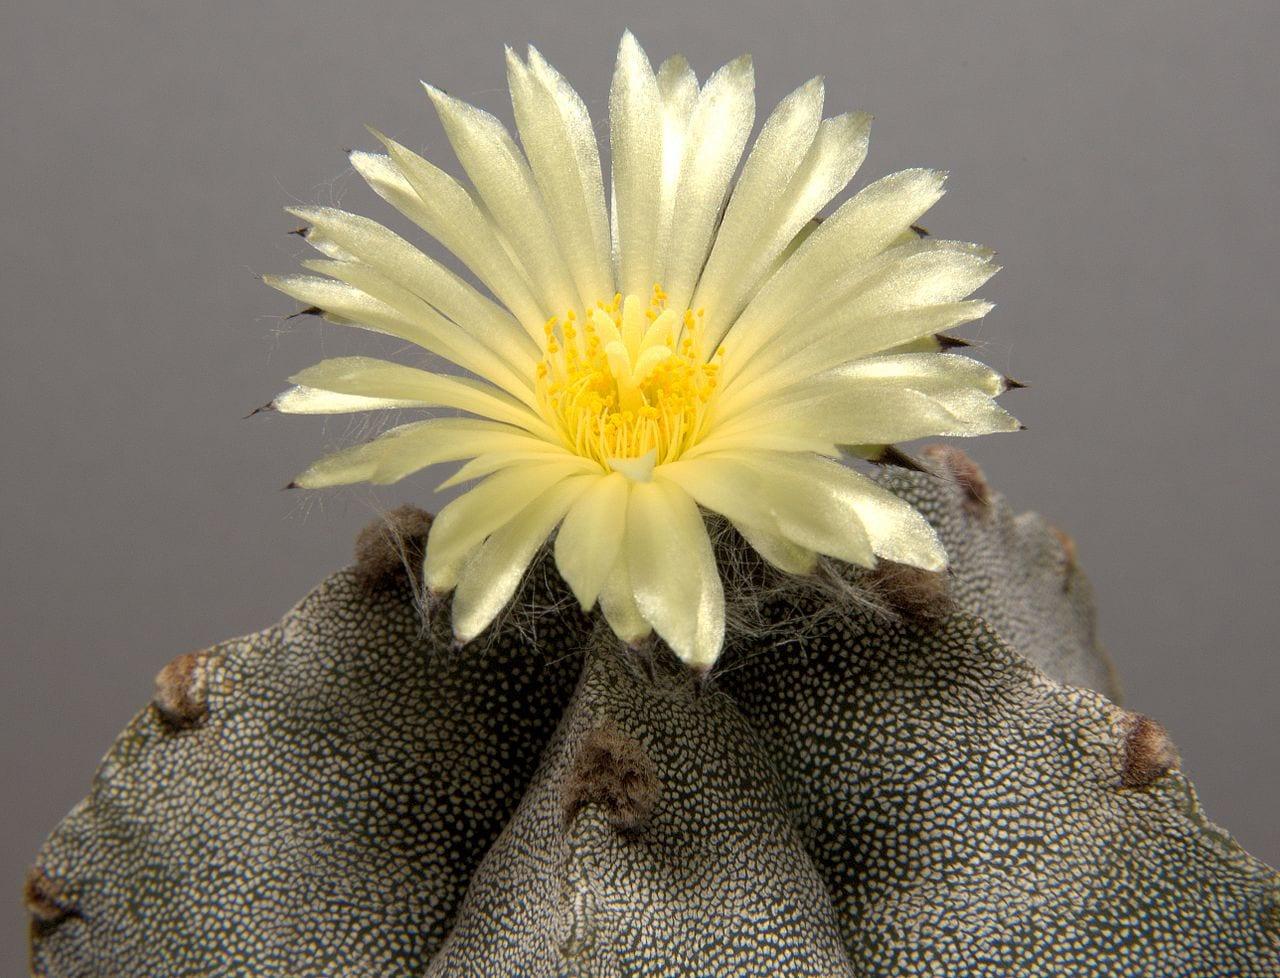 Astrophytum myriostigma en flor